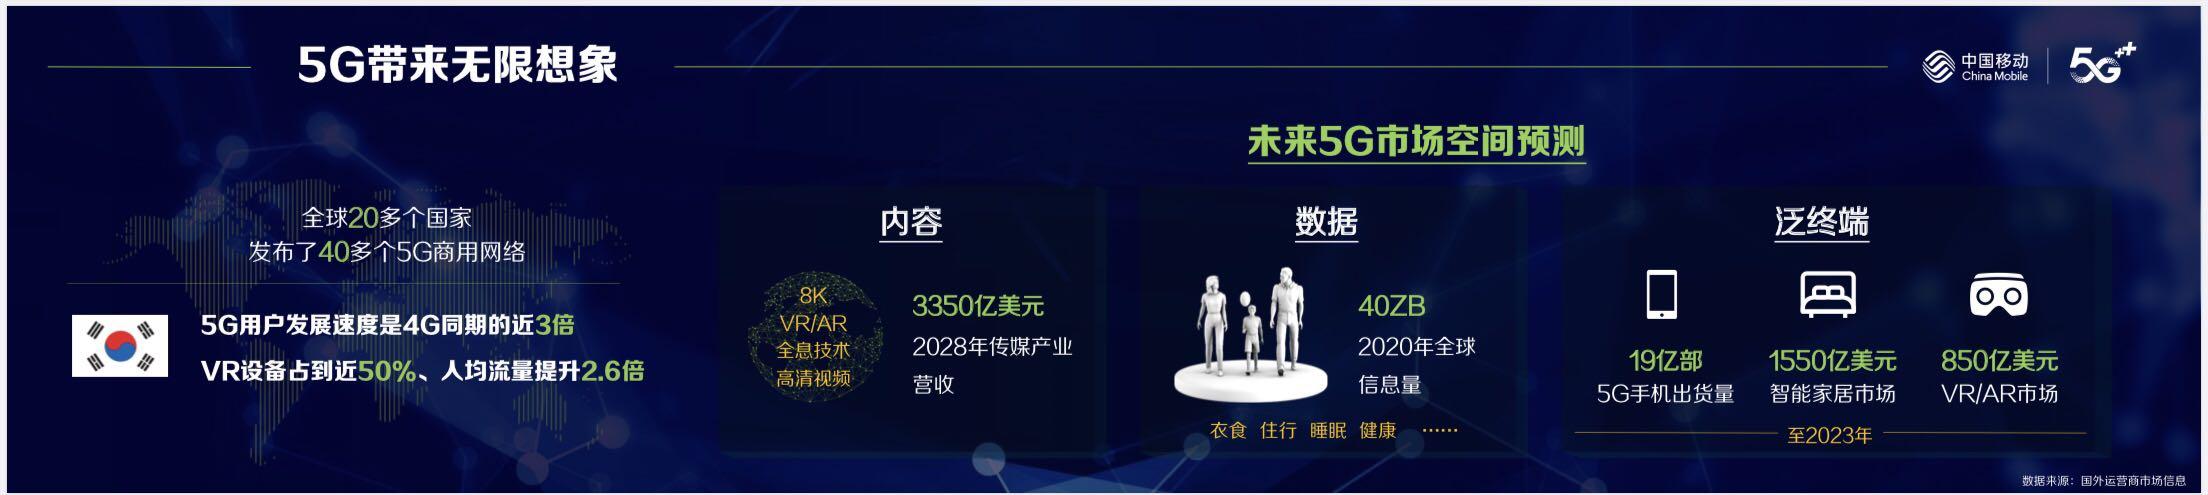 未來五年5G手機出貨19億部 VR/AR市場850億美元